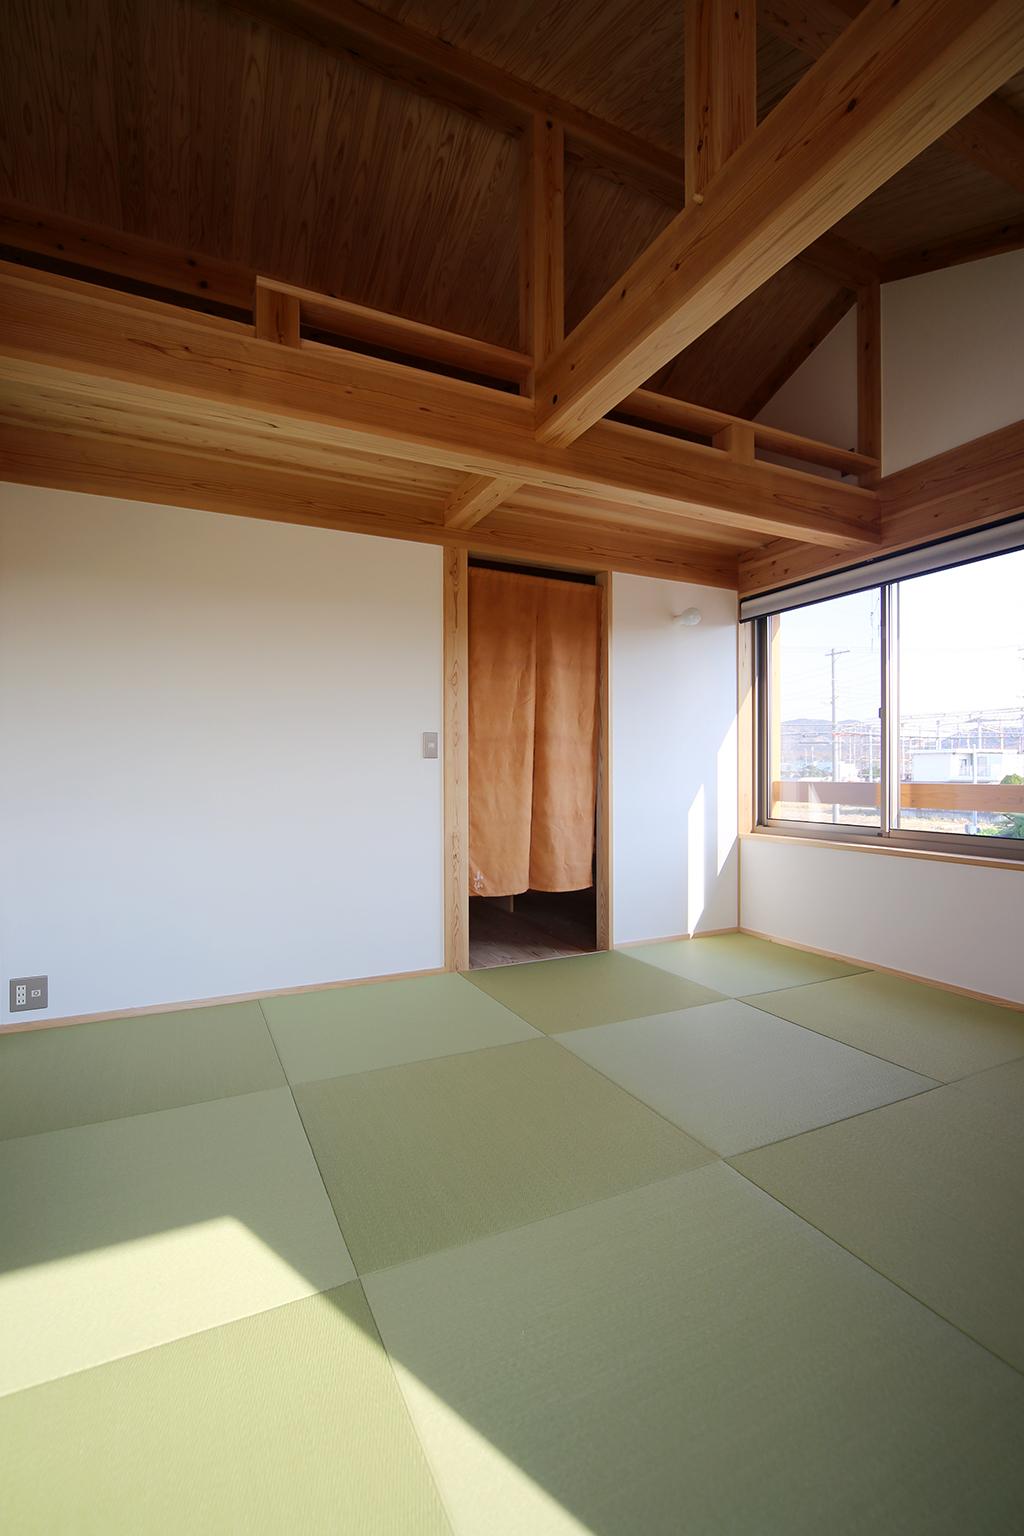 高砂市の木の家 畳敷きの寝室